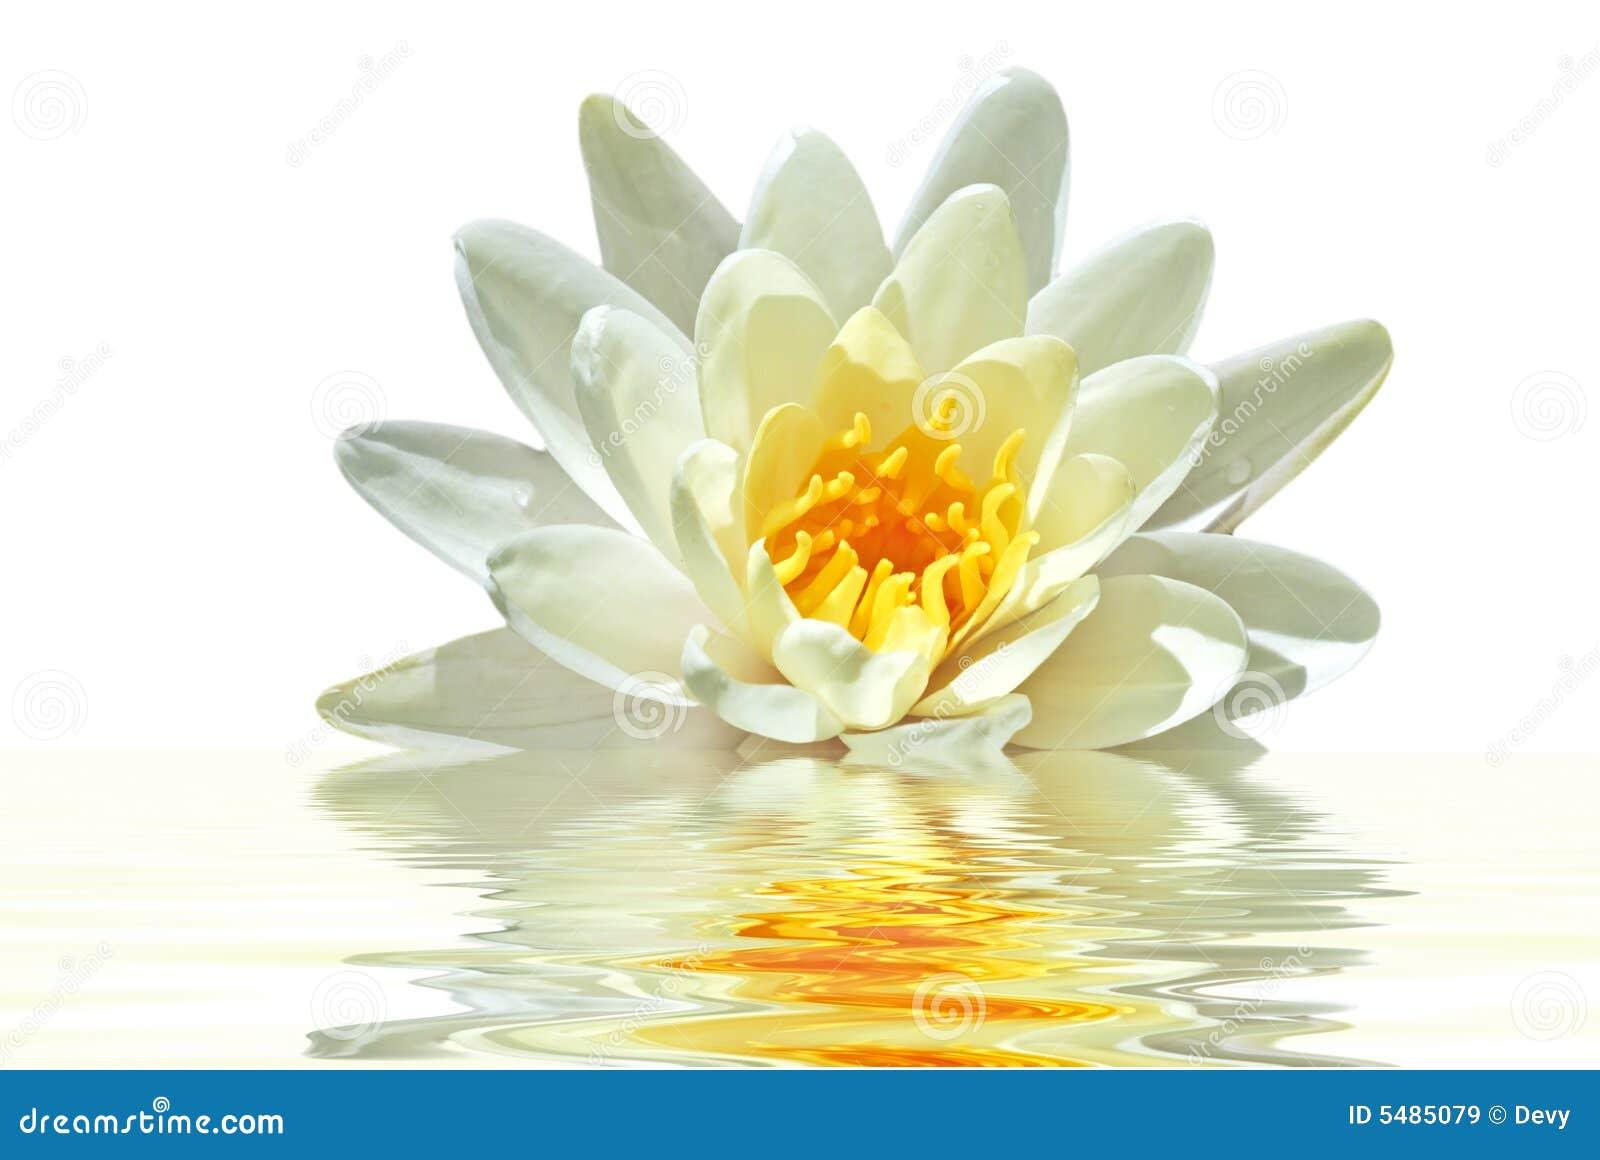 Bello fiore di loto bianco in acqua